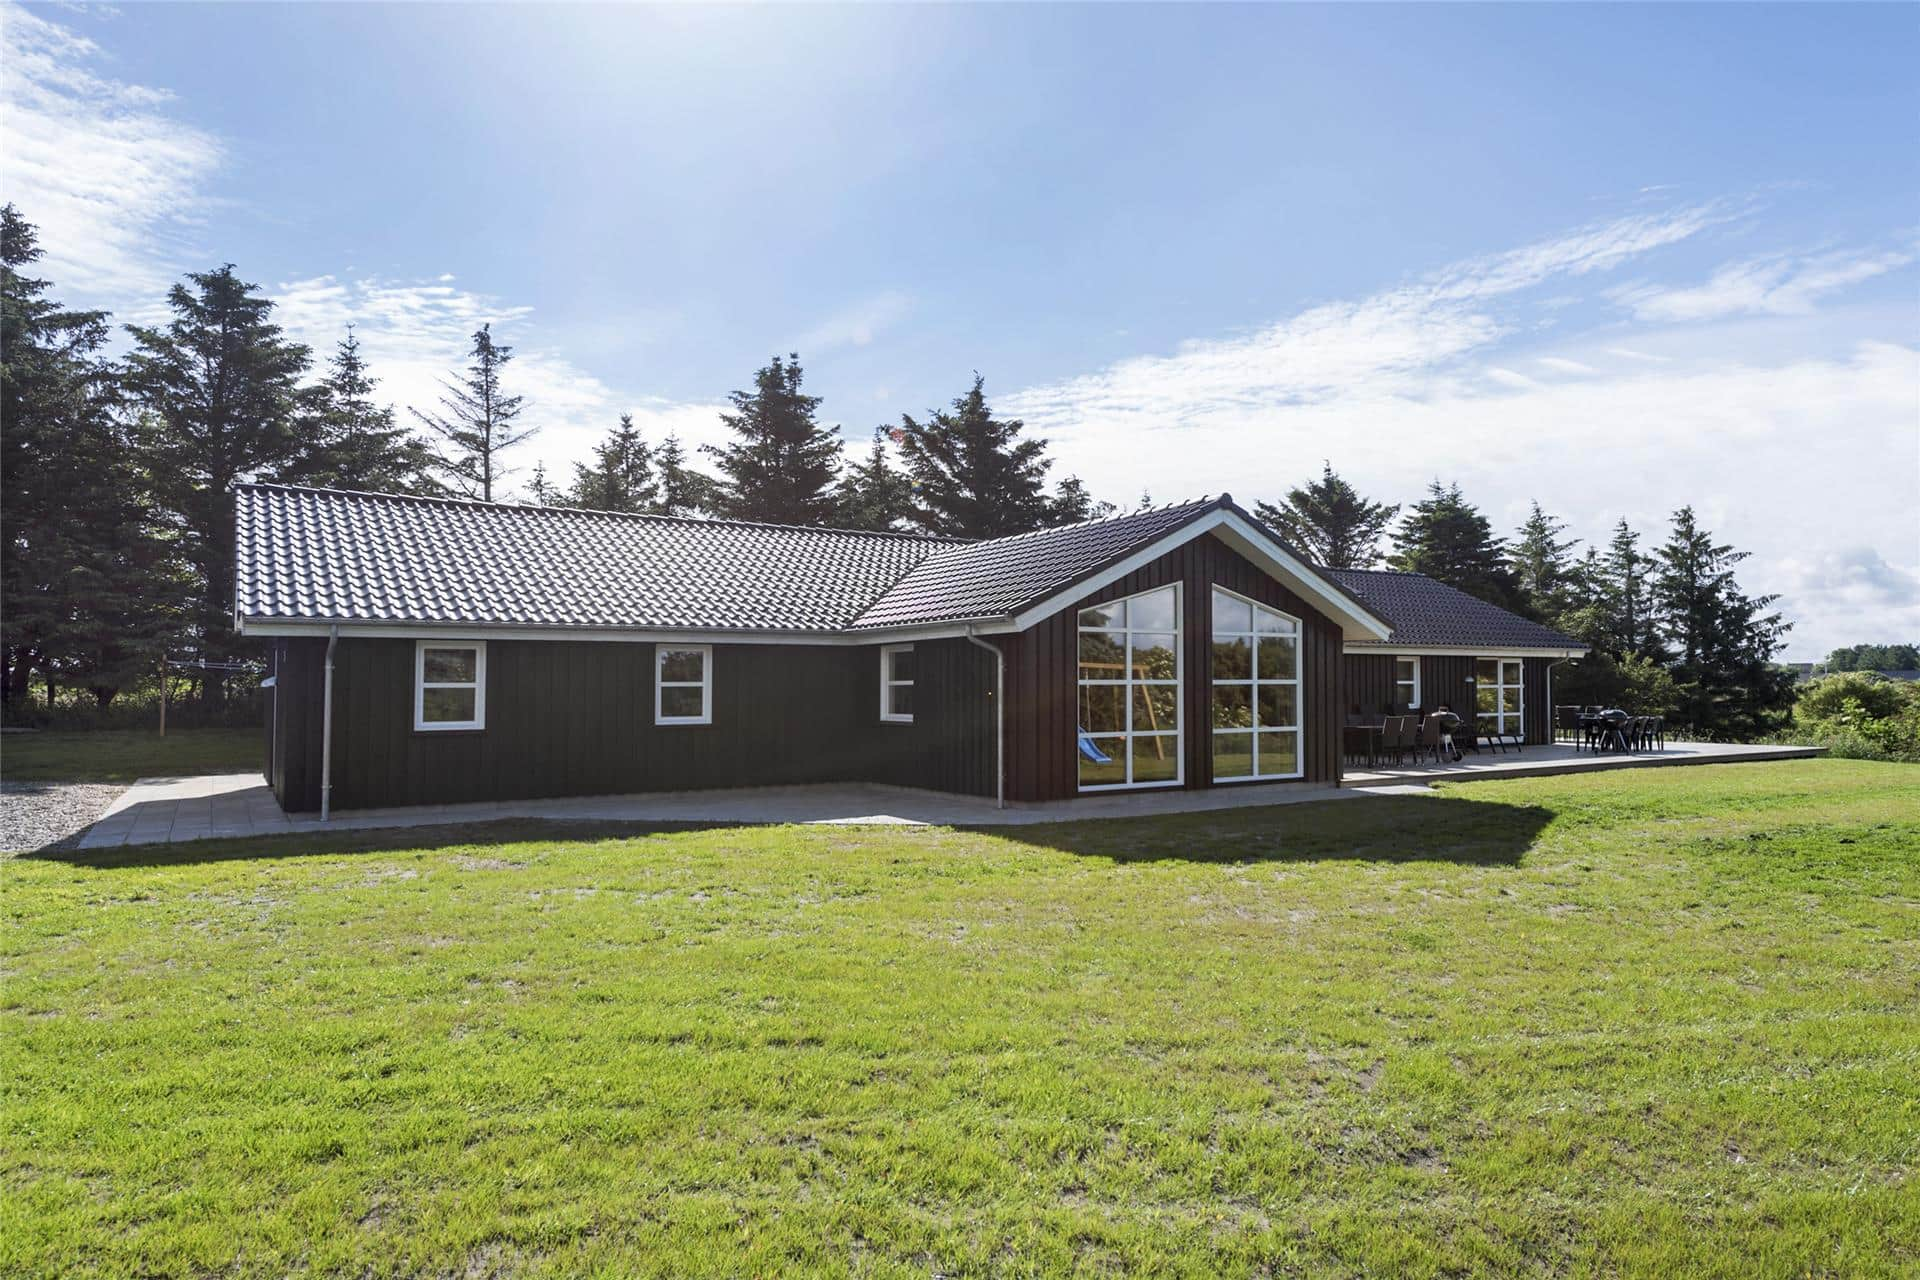 Bild 1-14 Ferienhaus 1200, Krageslugten 5, DK - 9850 Hirtshals